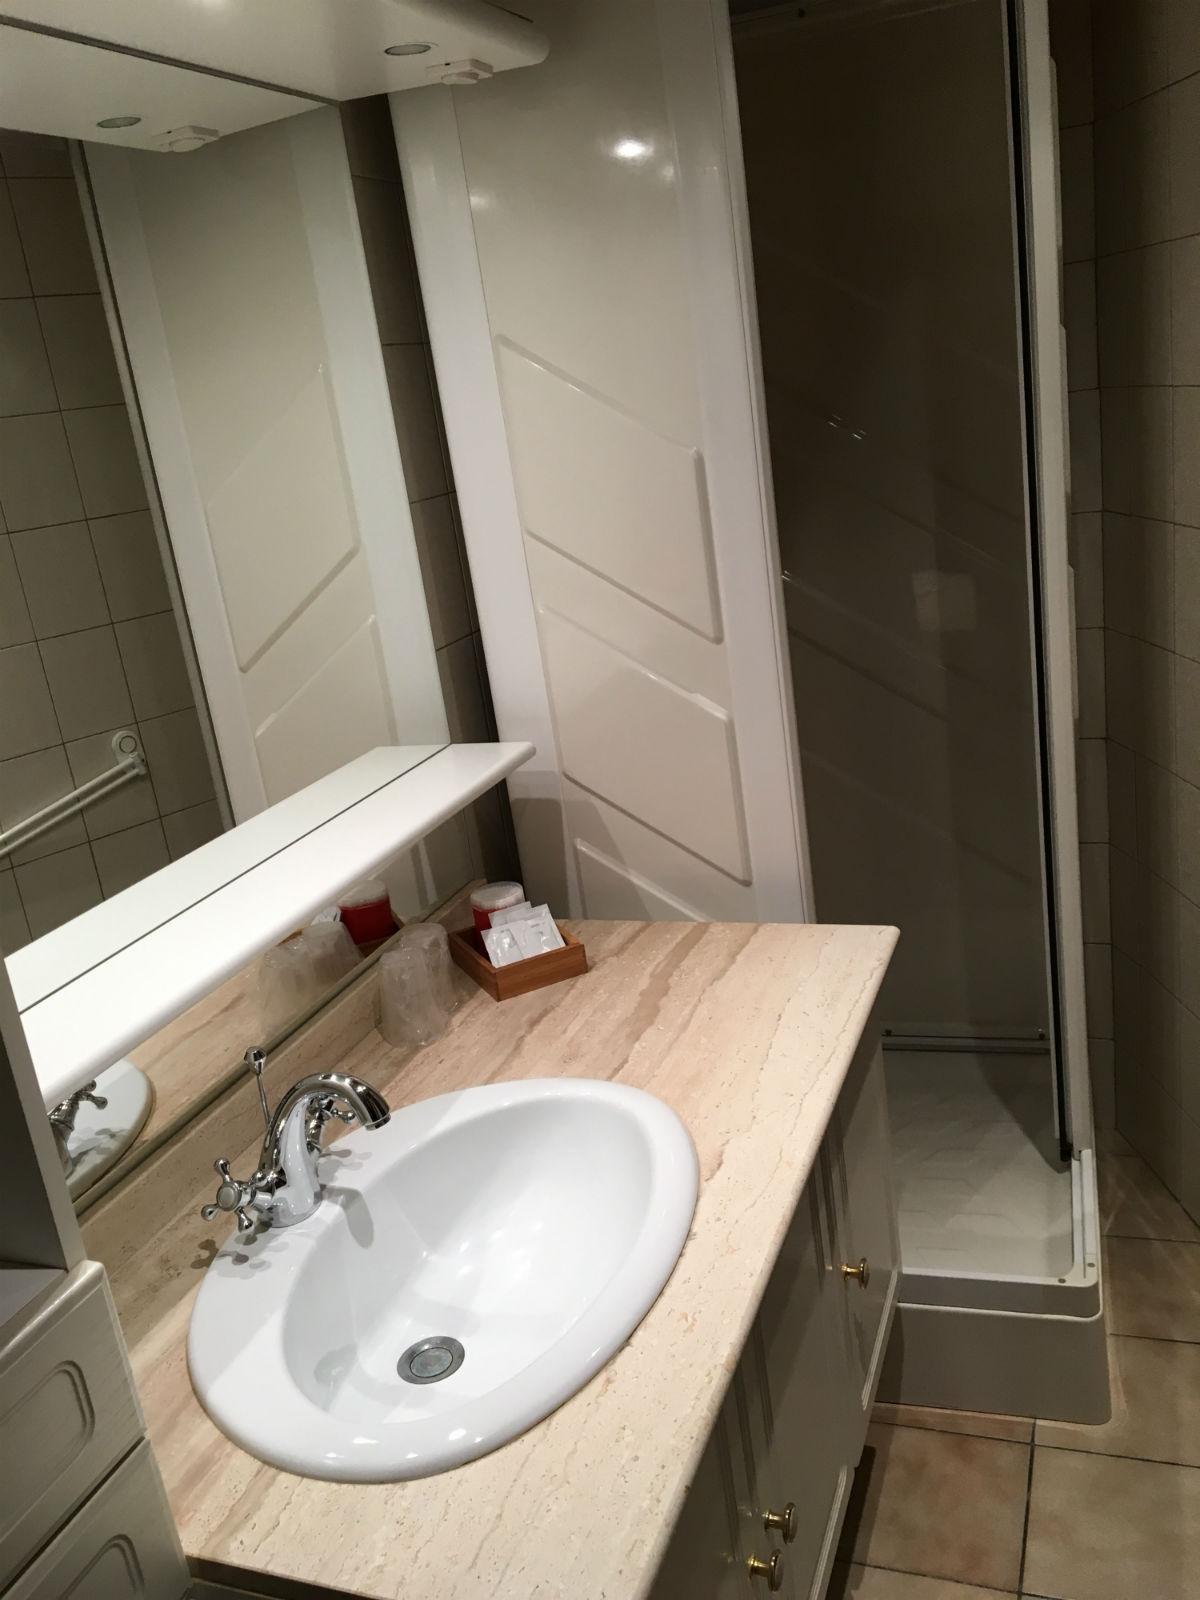 Gîte tout confort avec salle de douche privative - montreuil-sur-mer